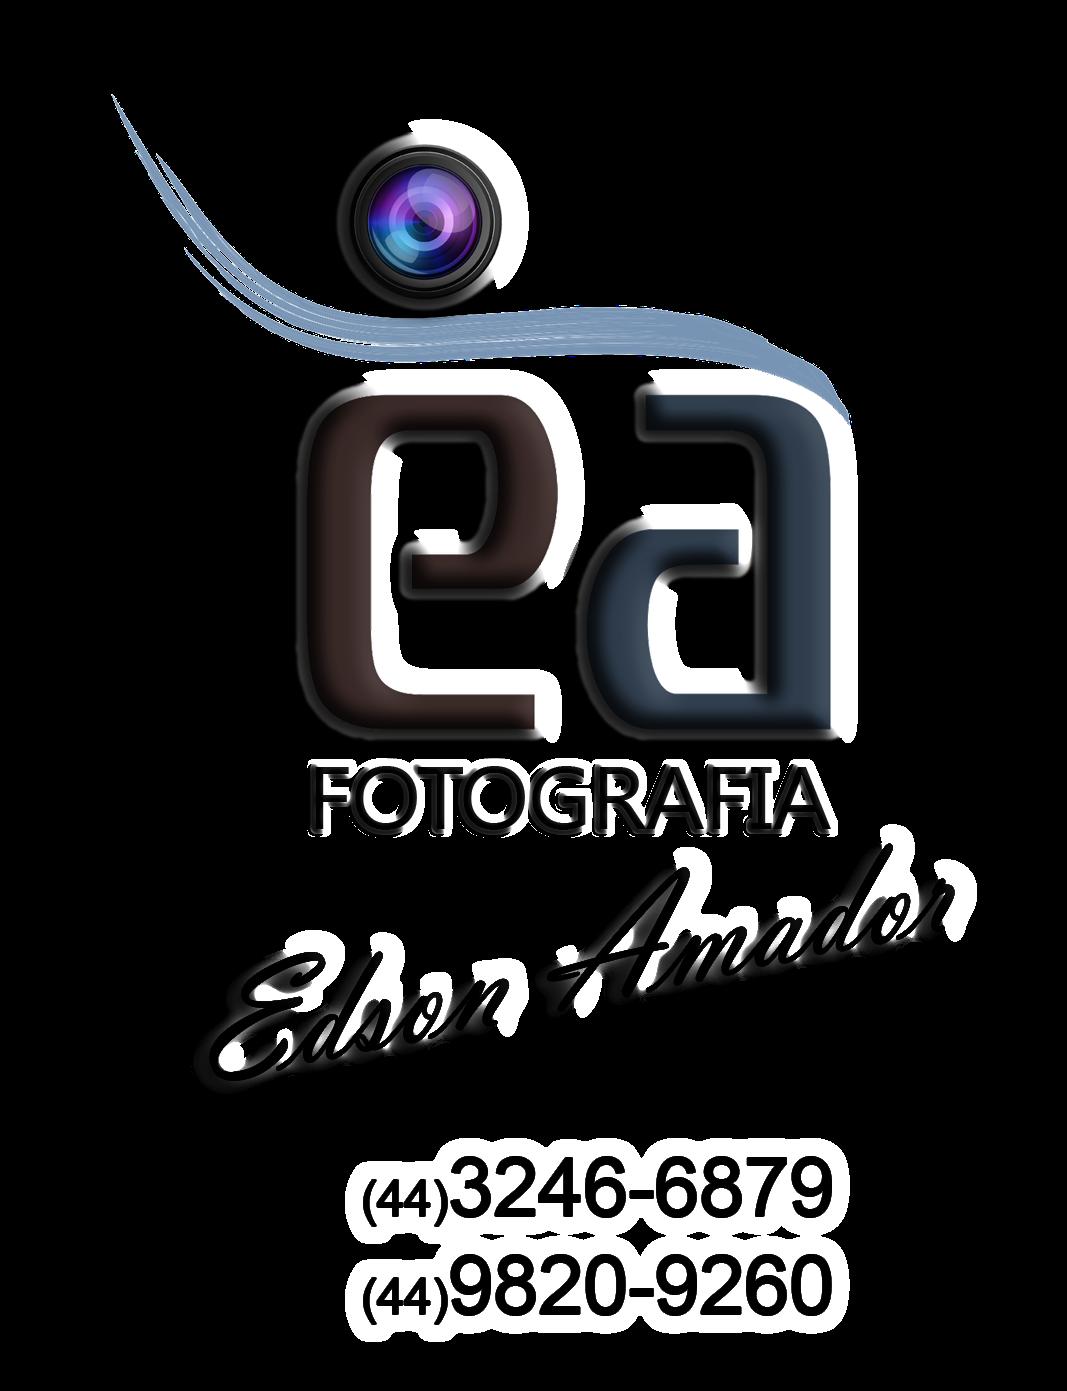 Fotografia - Edson Amador